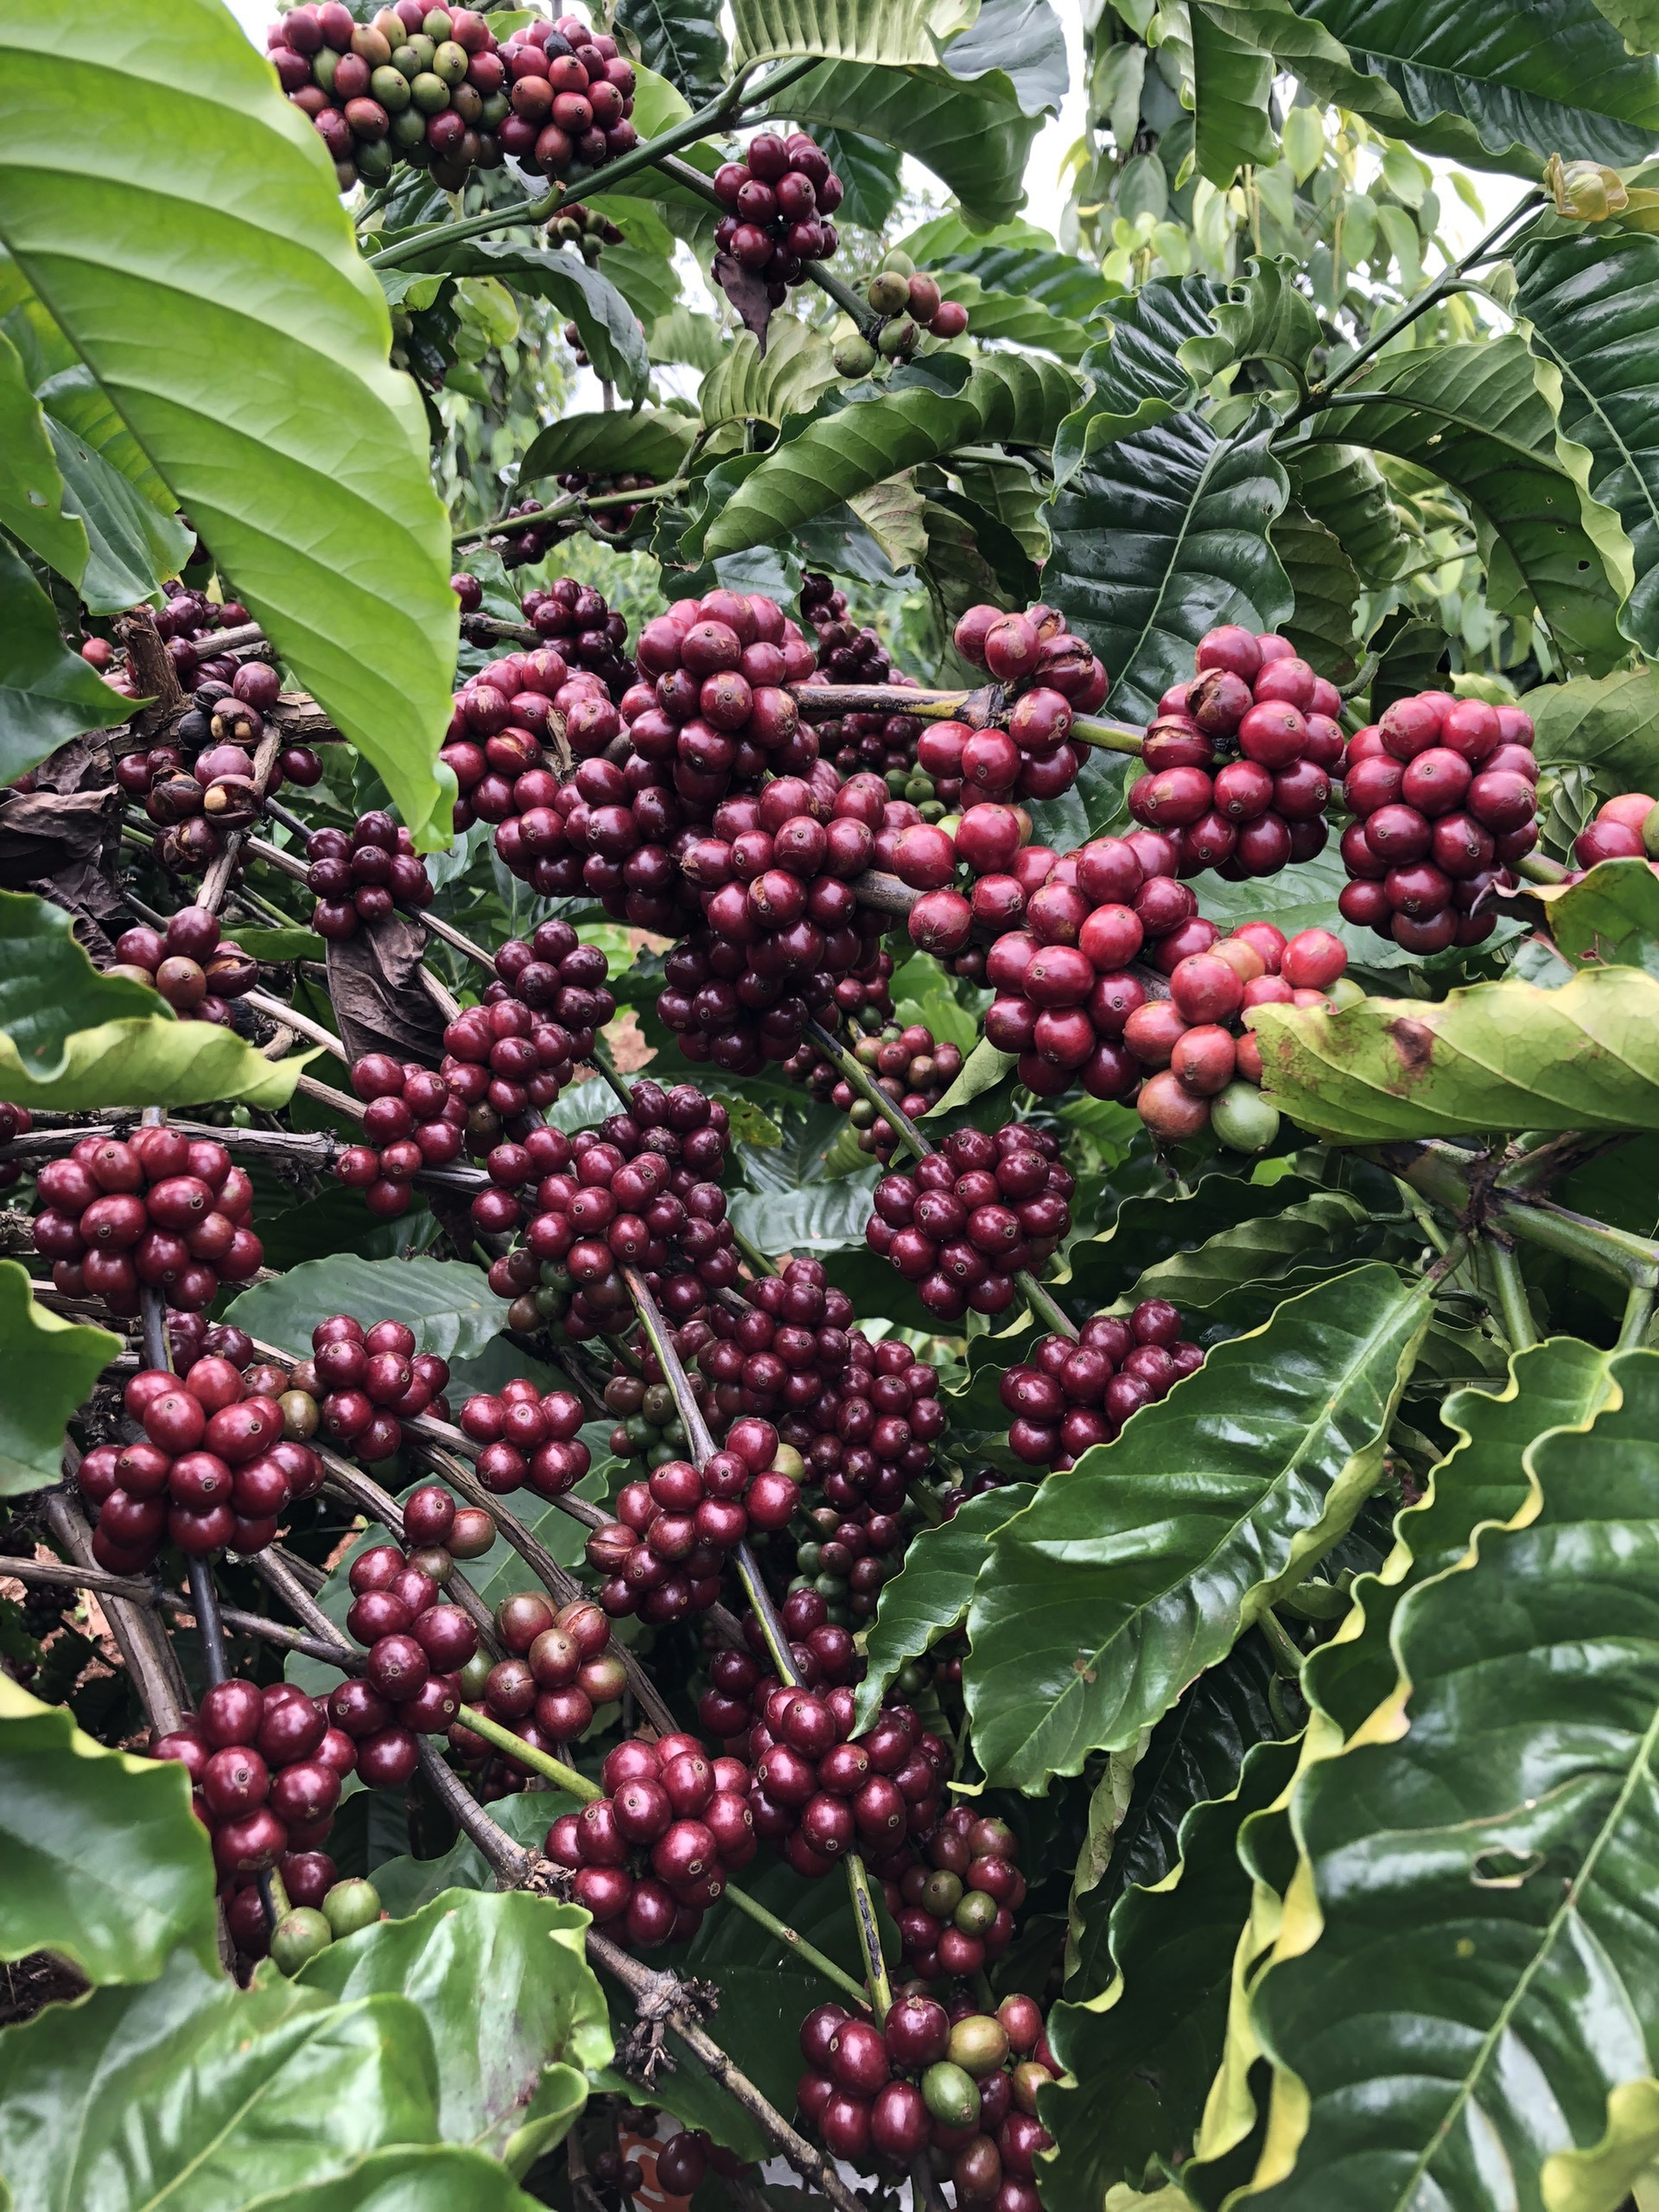 Cà phê nhân sống giá rẻ tại Mơak Farm